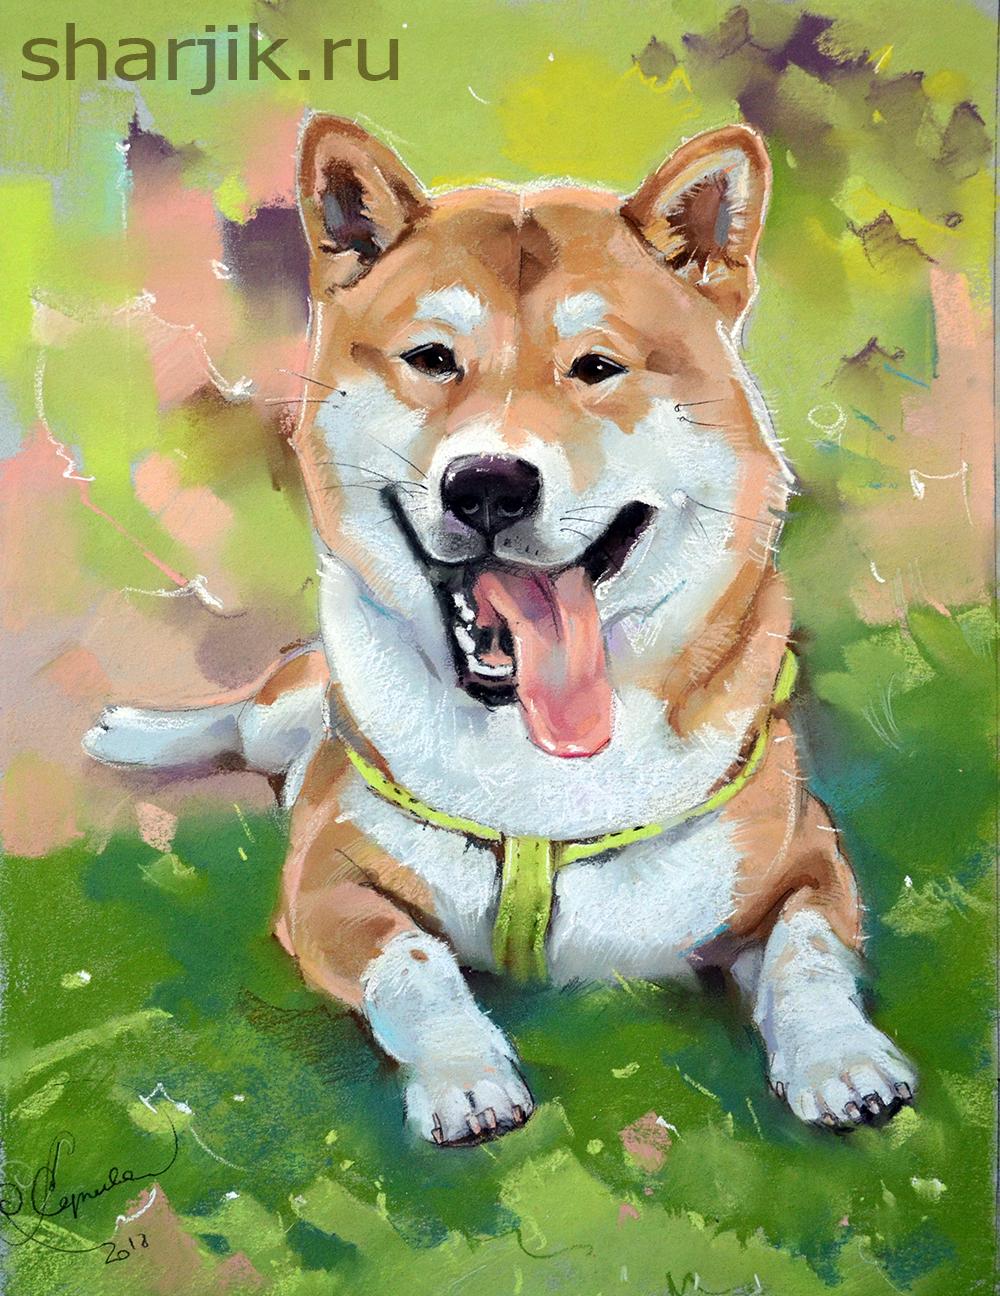 портрет собаки по фото, портрет питомца по фото, портрте собаки, сиба ину портрет, шиба ину фото, живопись собака, портрет собаки